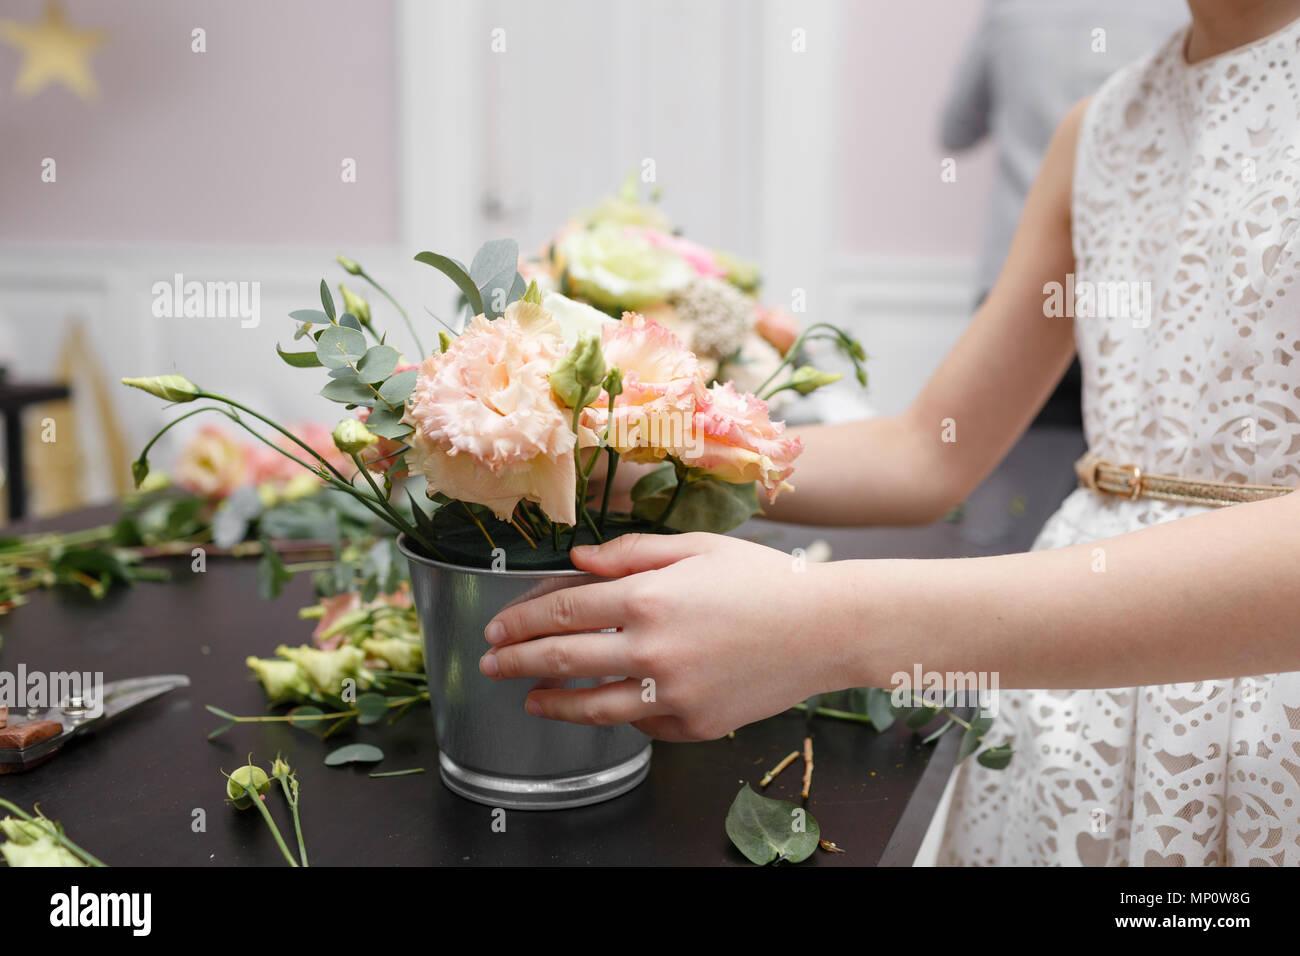 Master class sur décisions bouquets pour les enfants. Bouquet de printemps en pot ornementales en métal. L'organisation de la fleur d'apprentissage, faisant de beaux bouquets avec vos propres mains Photo Stock